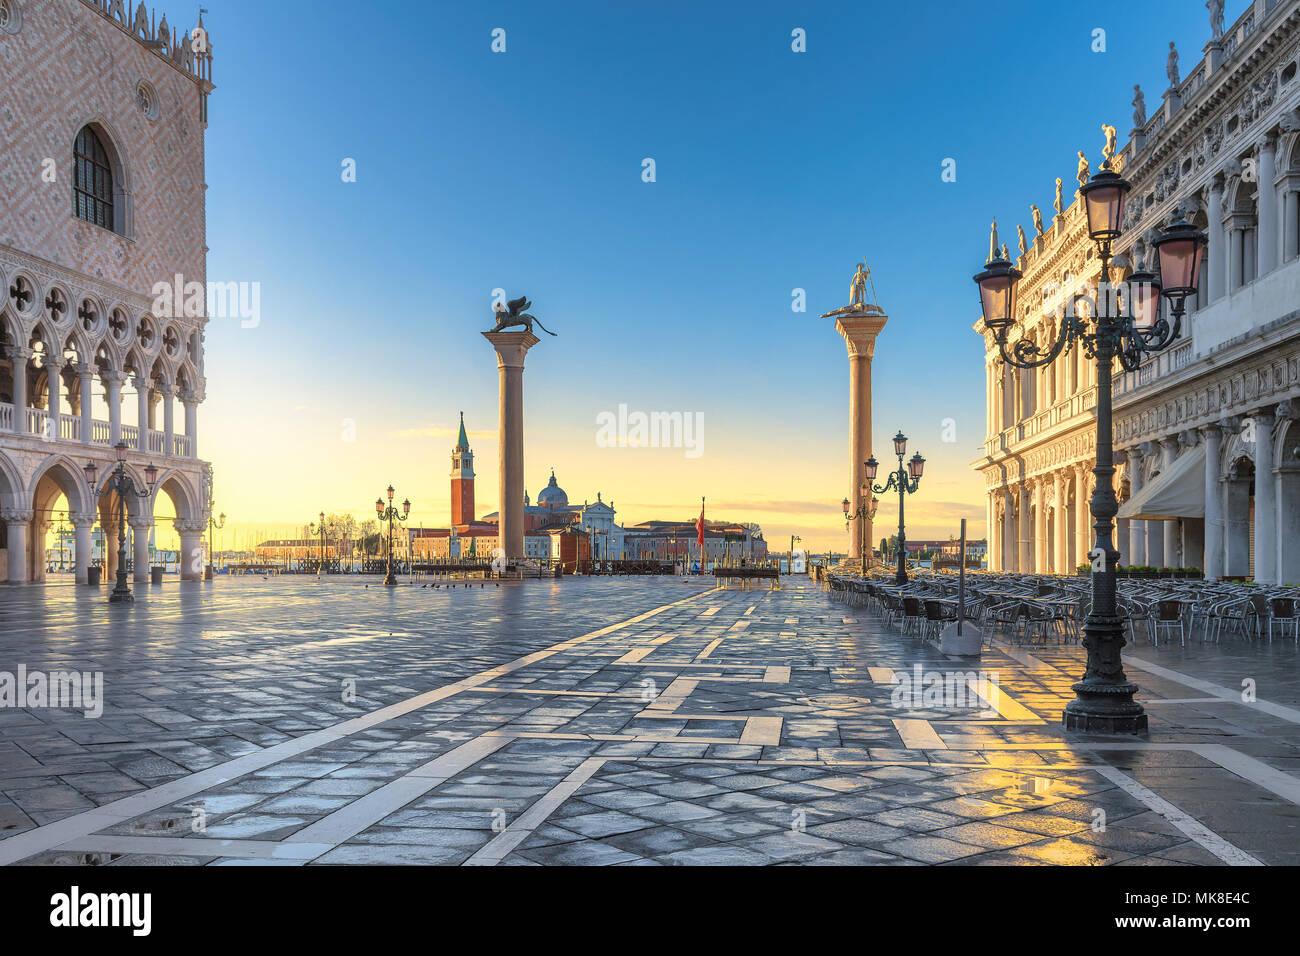 Venecia al amanecer. San Marcos, Ilaly. Imagen De Stock